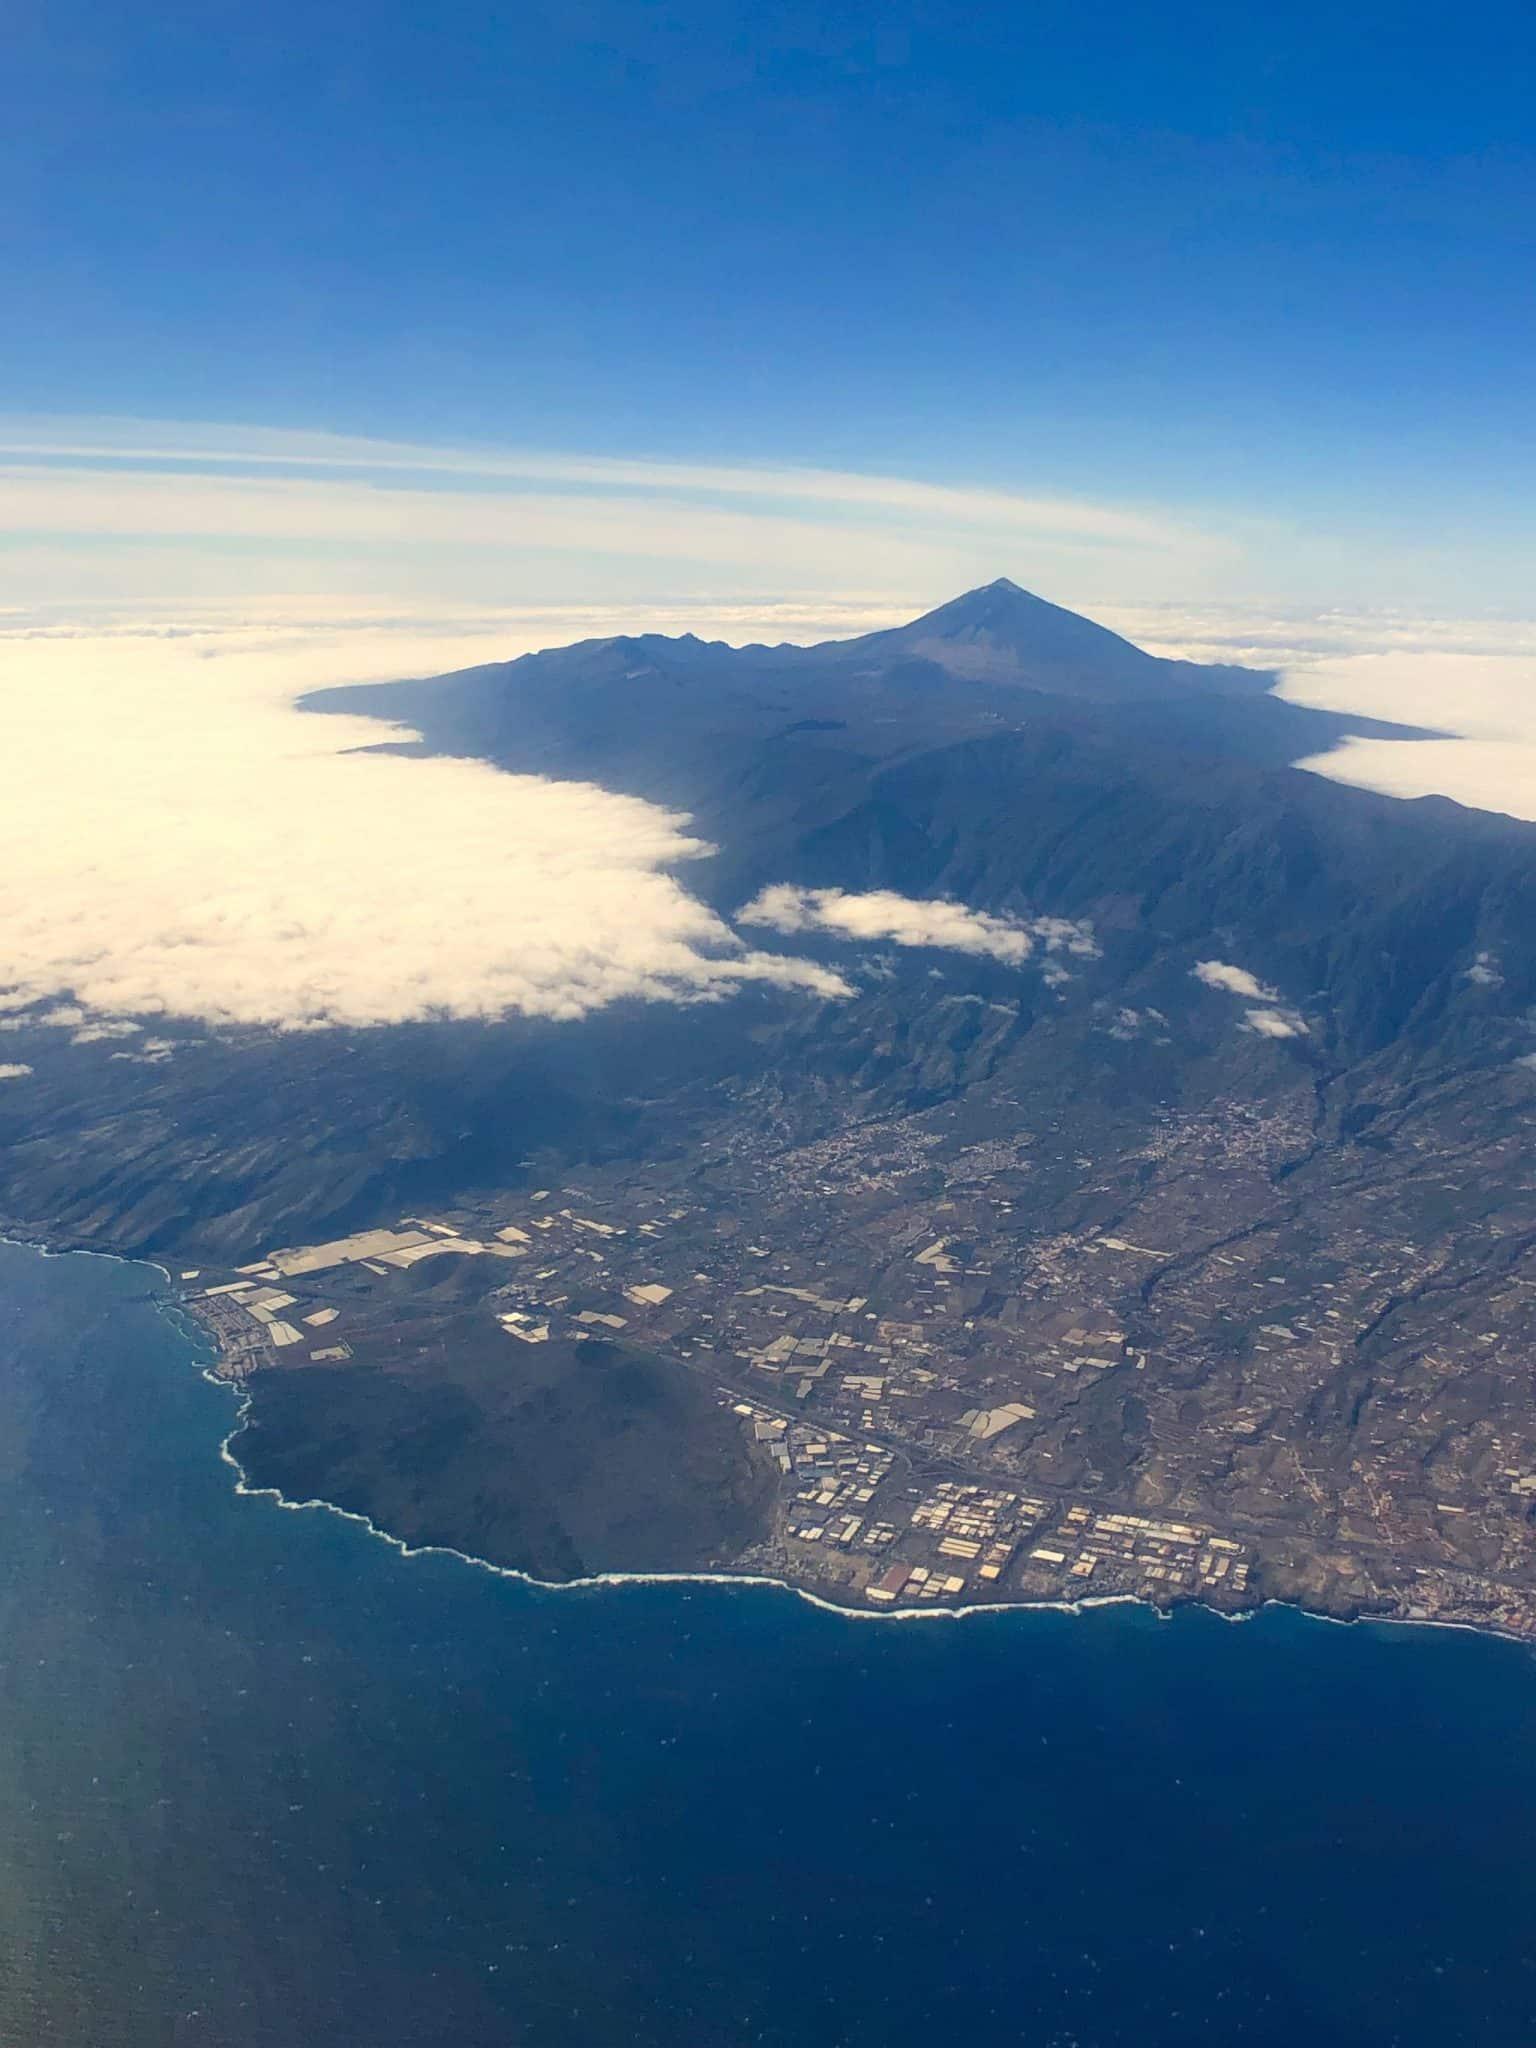 Teneriffa Luftbild: so spektakulär sieht die Insel aus der Luft aus. Foto: Sascha Tegtmeyer